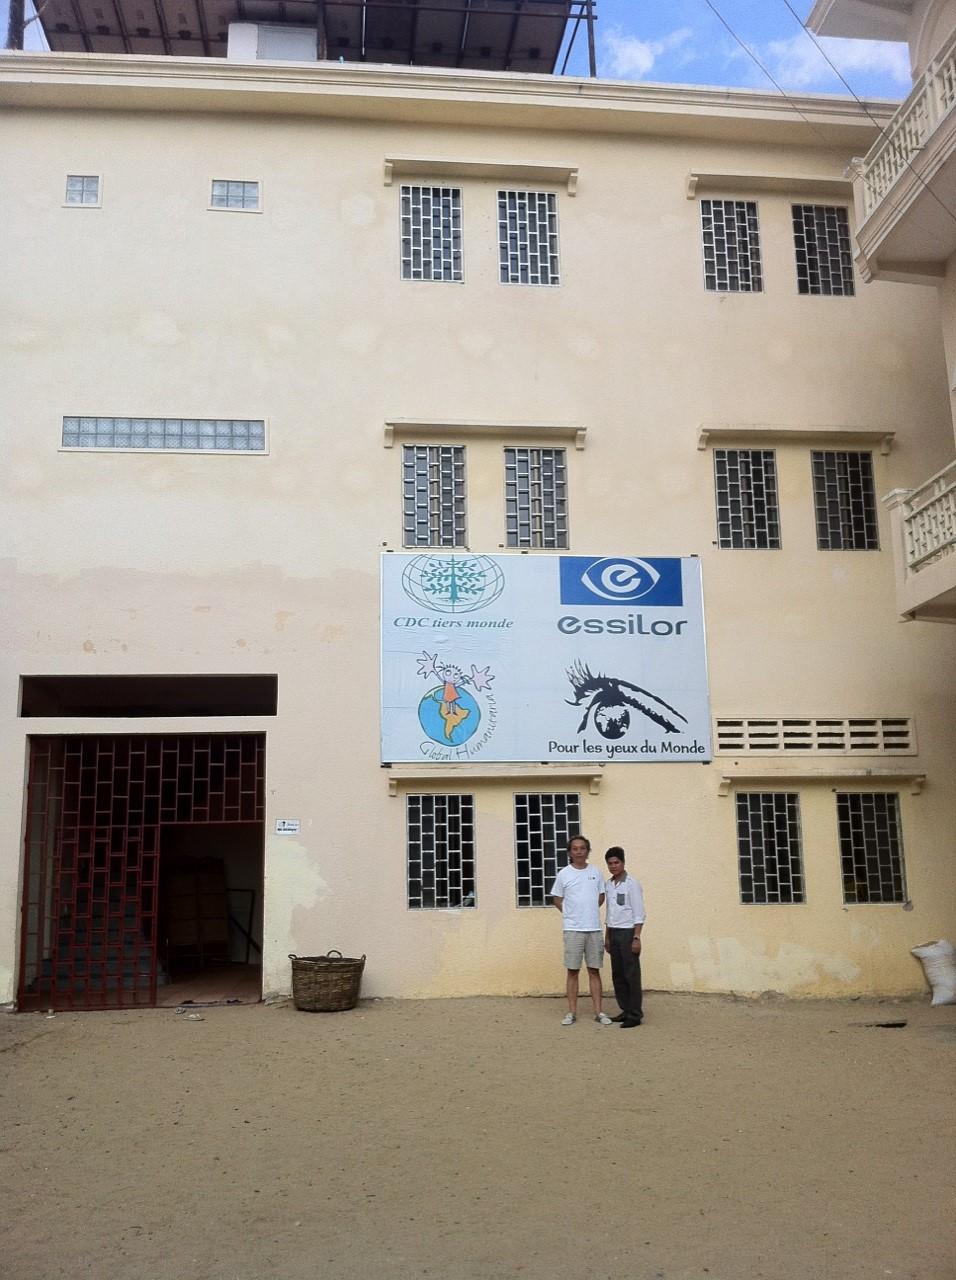 Le bâtiment principal de l'orphelinat